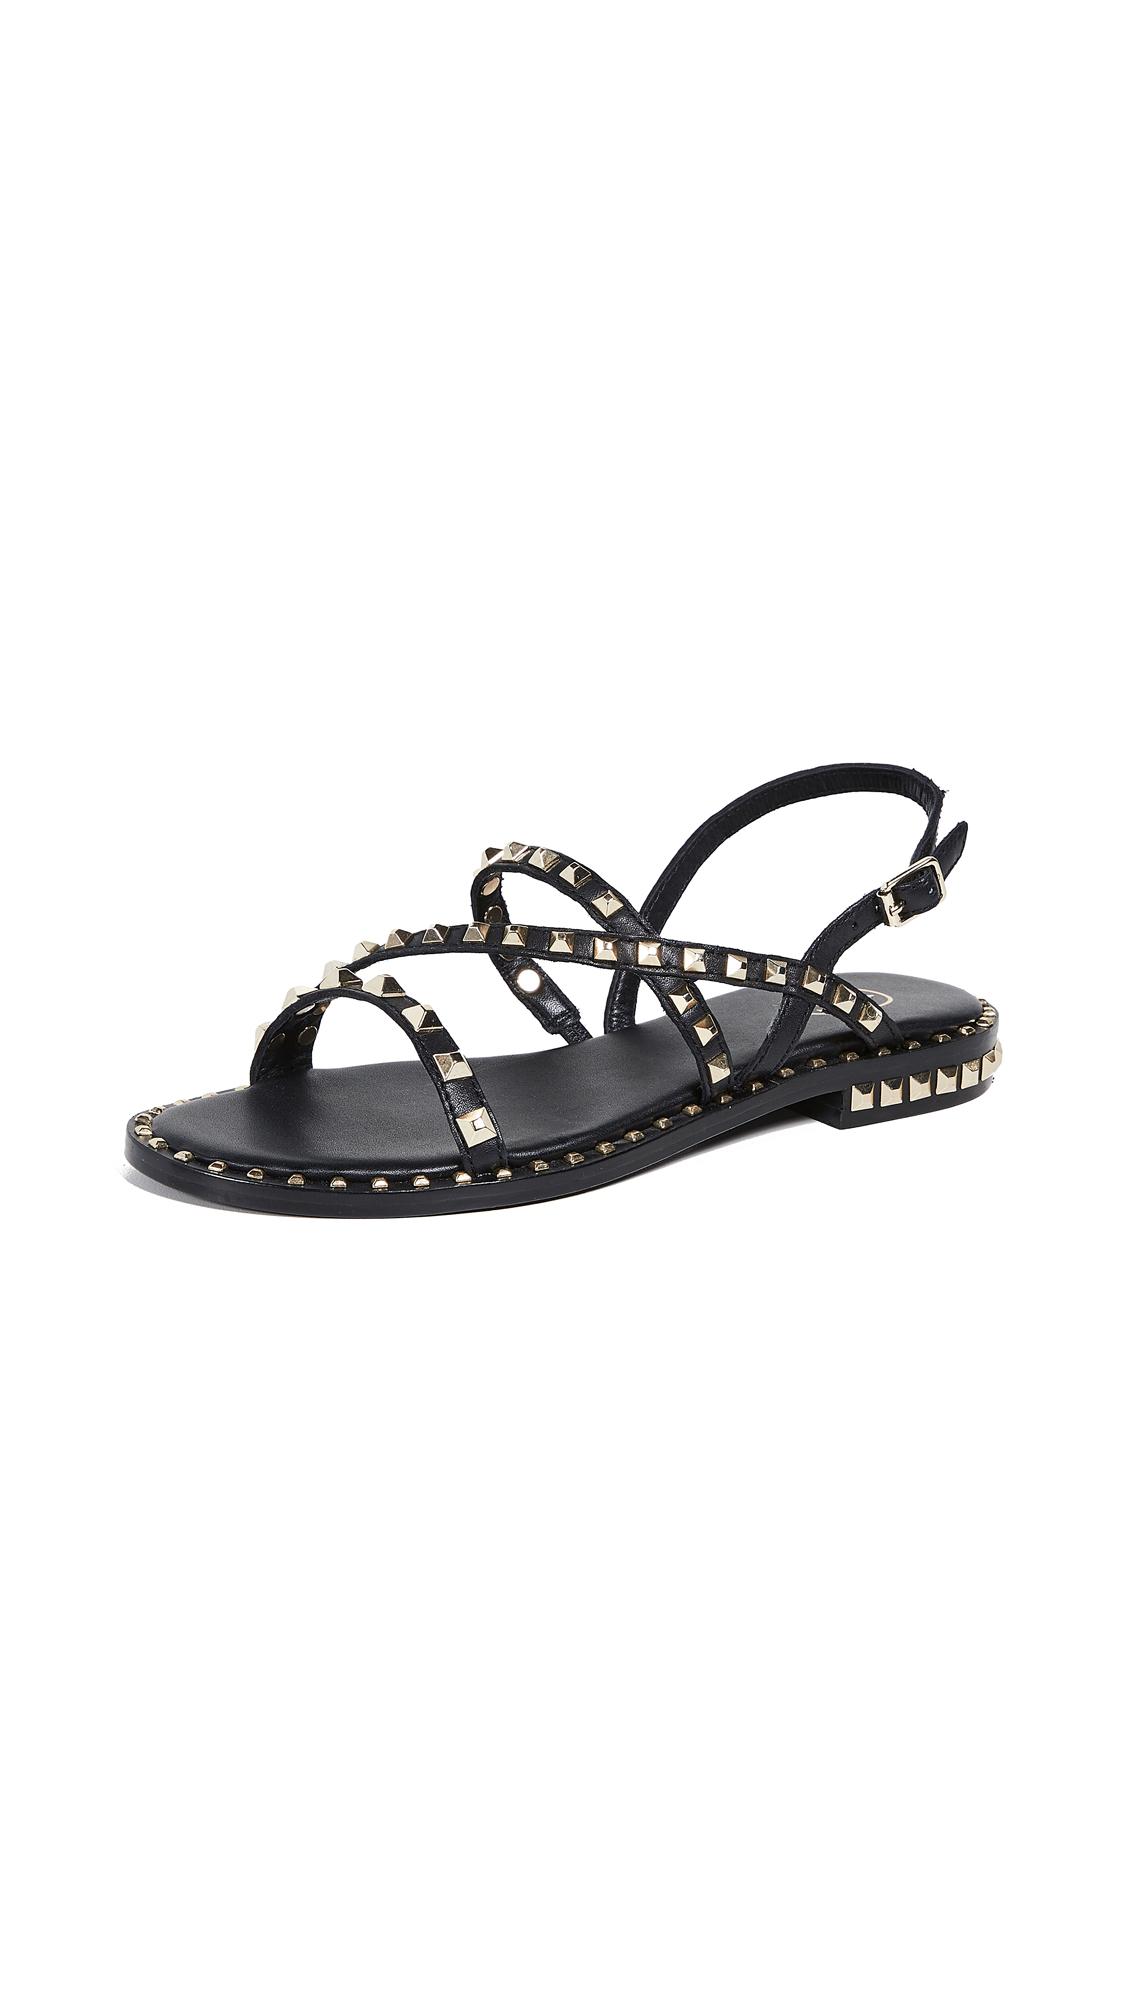 Ash Peace Sandals - Black